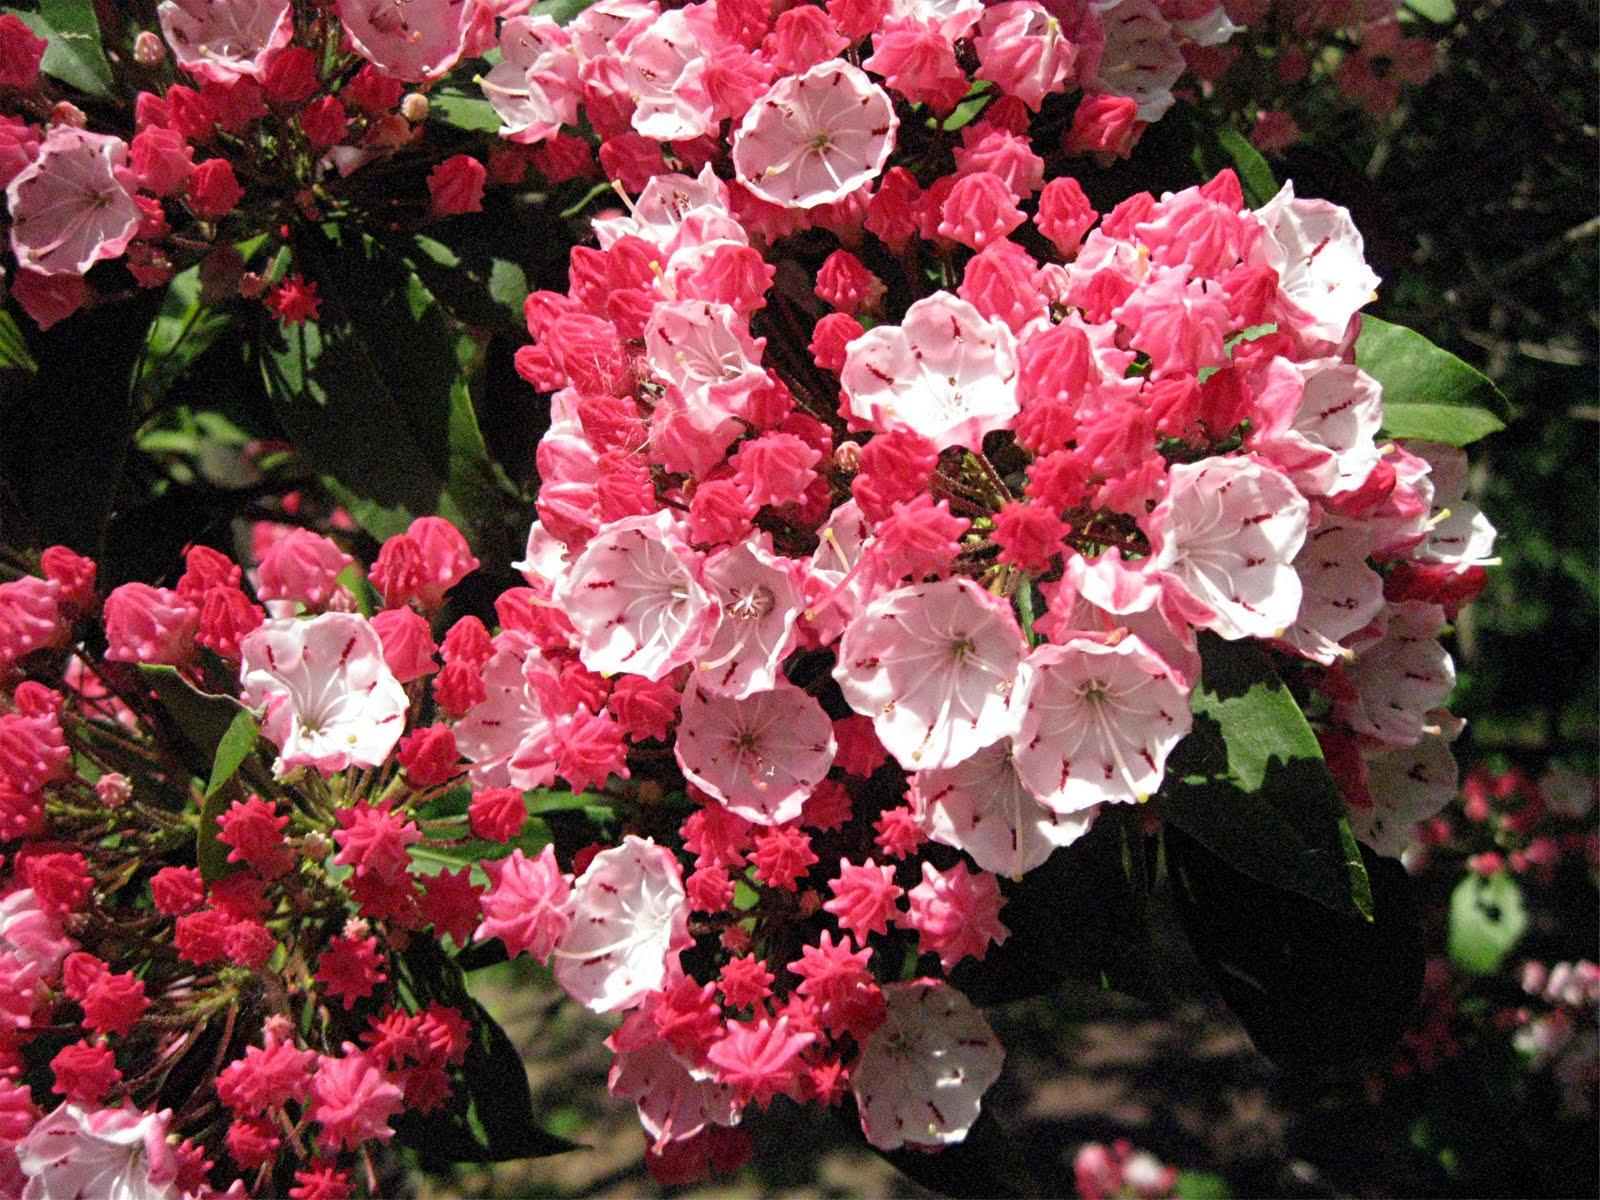 10 อันดับ ดอกไม้ที่อันตรายที่สุดในโลก